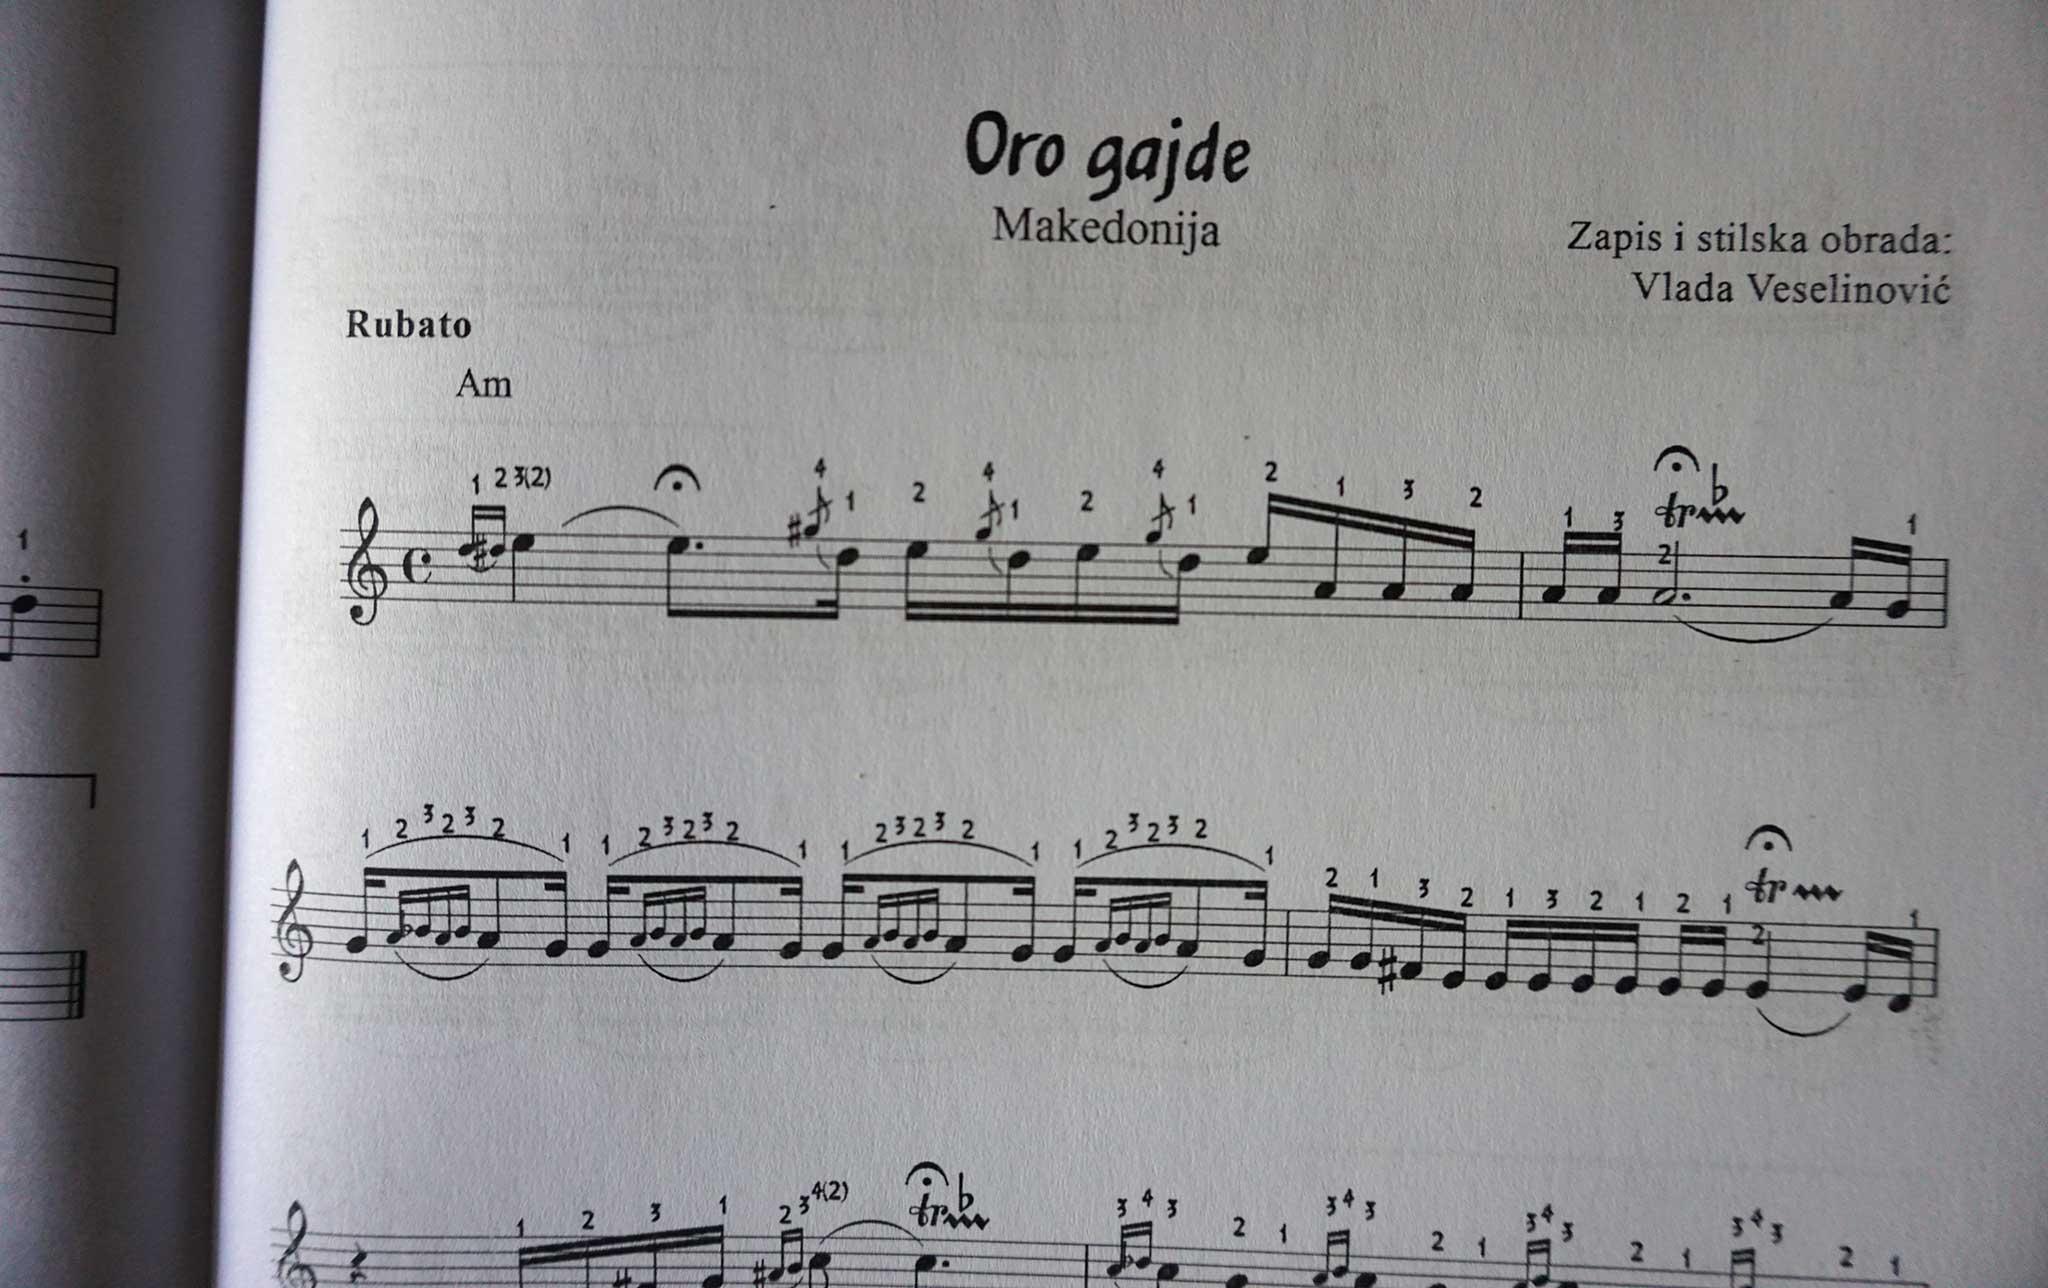 """Knjiga """"Skola narodne muzike za harmoniku"""" - primer notnog zapisa"""